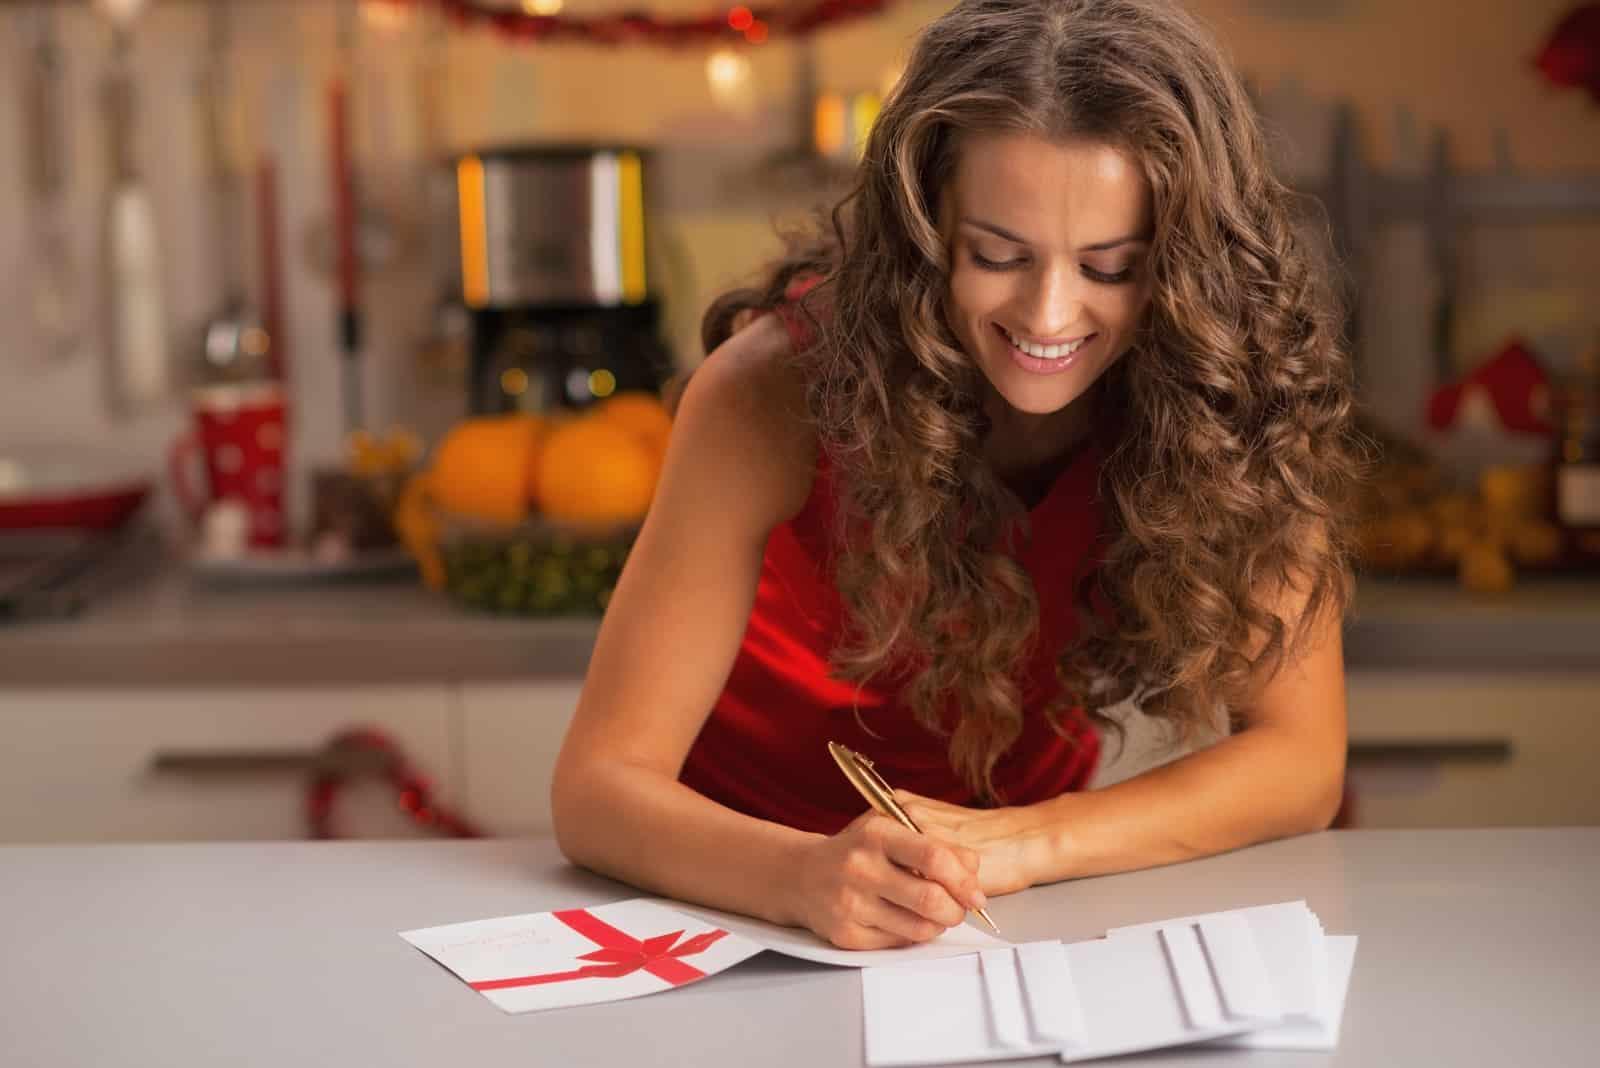 une femme souriante aux cheveux crépus se tient à table et écrit une carte de voeux